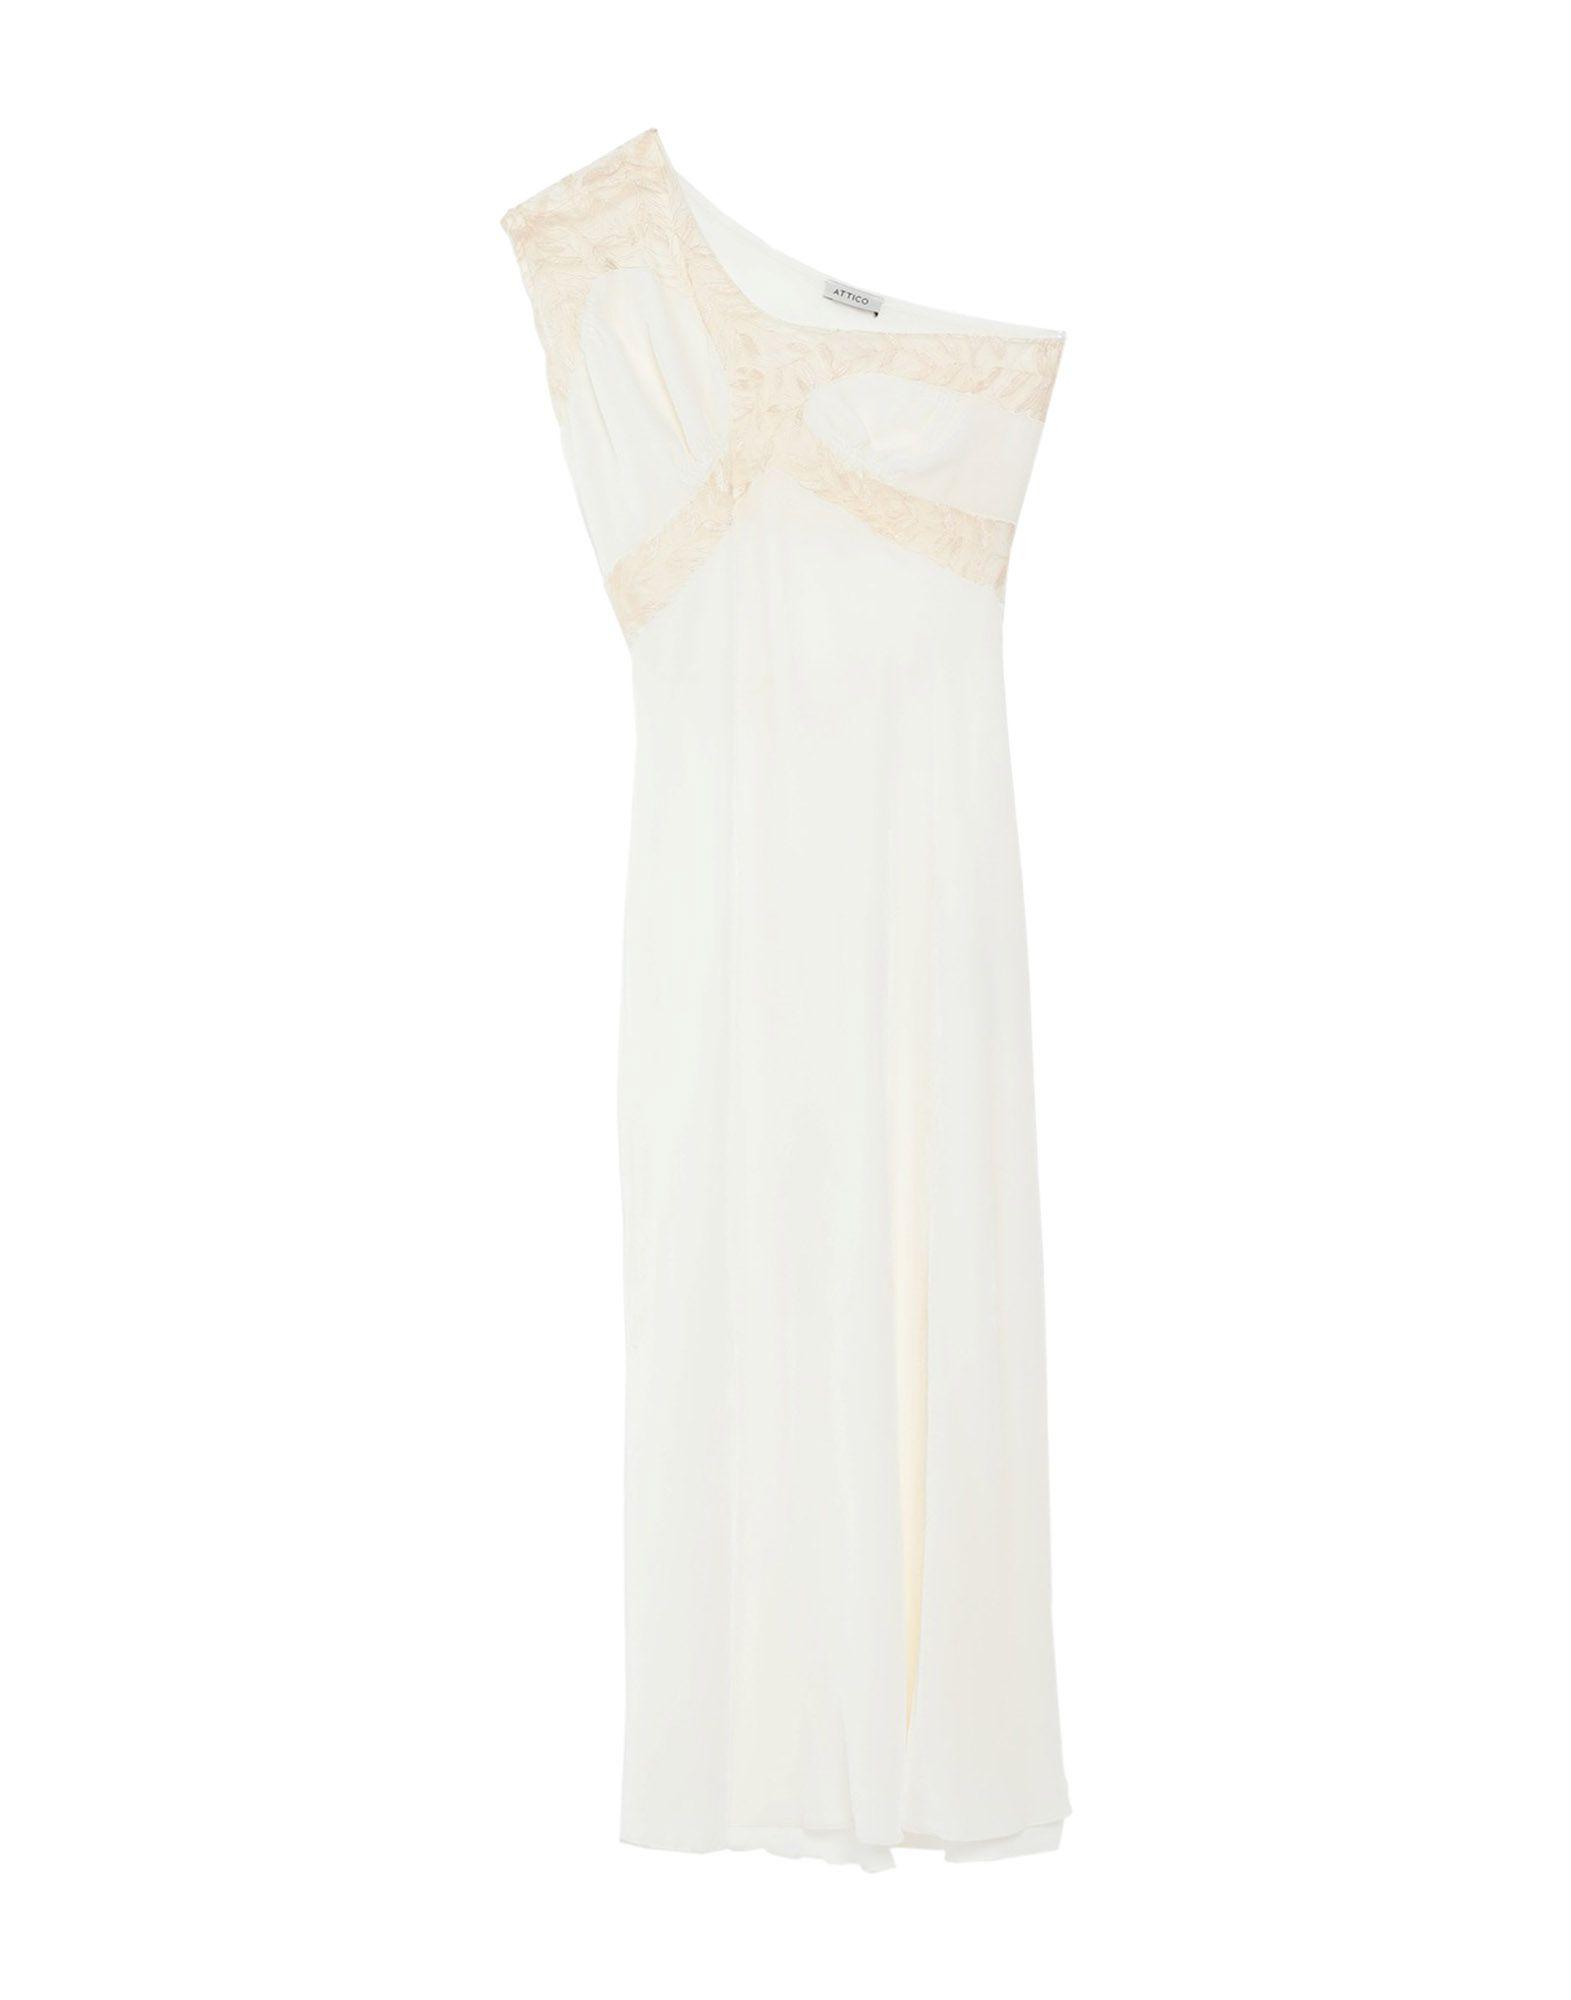 ATTICO Длинное платье 923 зима полный дрель бархат вечернее платье длинное плечо банкет тост одежды тонкий тонкий хост